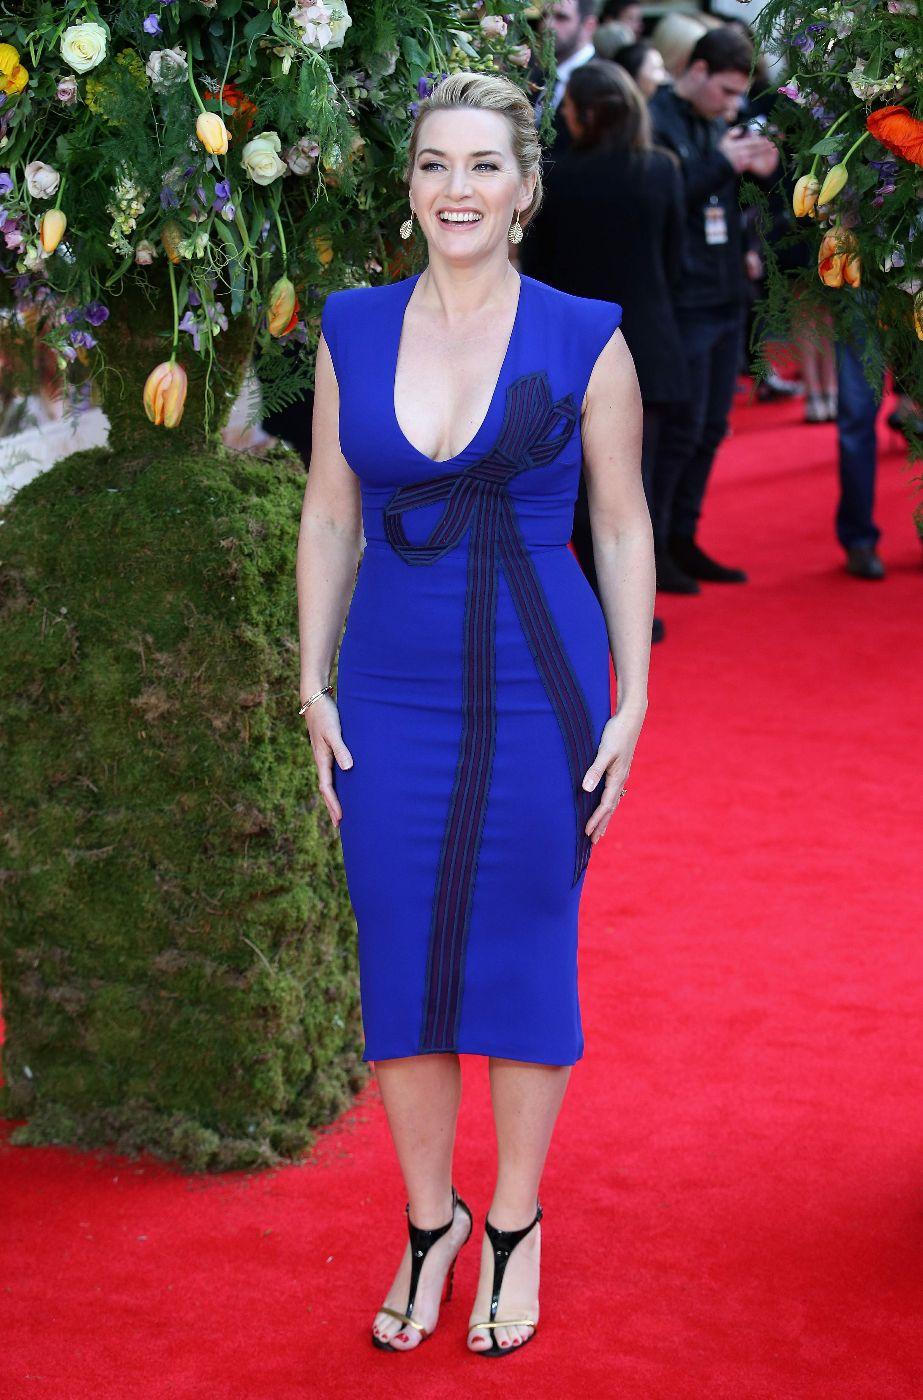 Kate-Winslet-Stella-McCartney-A-Little-Chaos-premiere-in-London